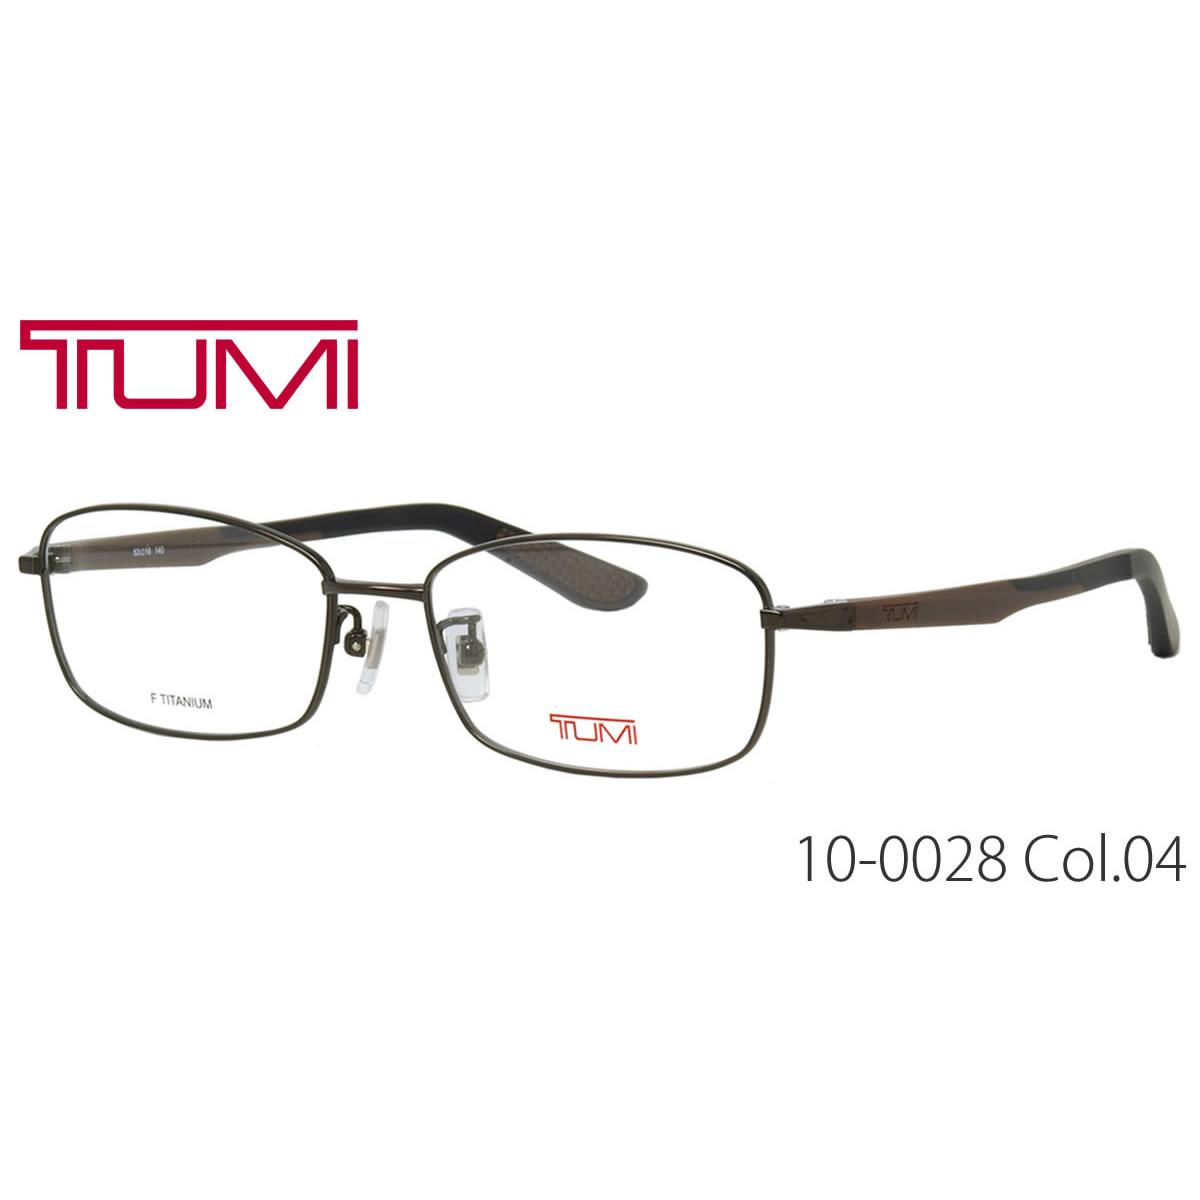 トゥミ メガネ 10-0028 04 53サイズ TUMI ビジネスバッグで人気のブランド メンズ